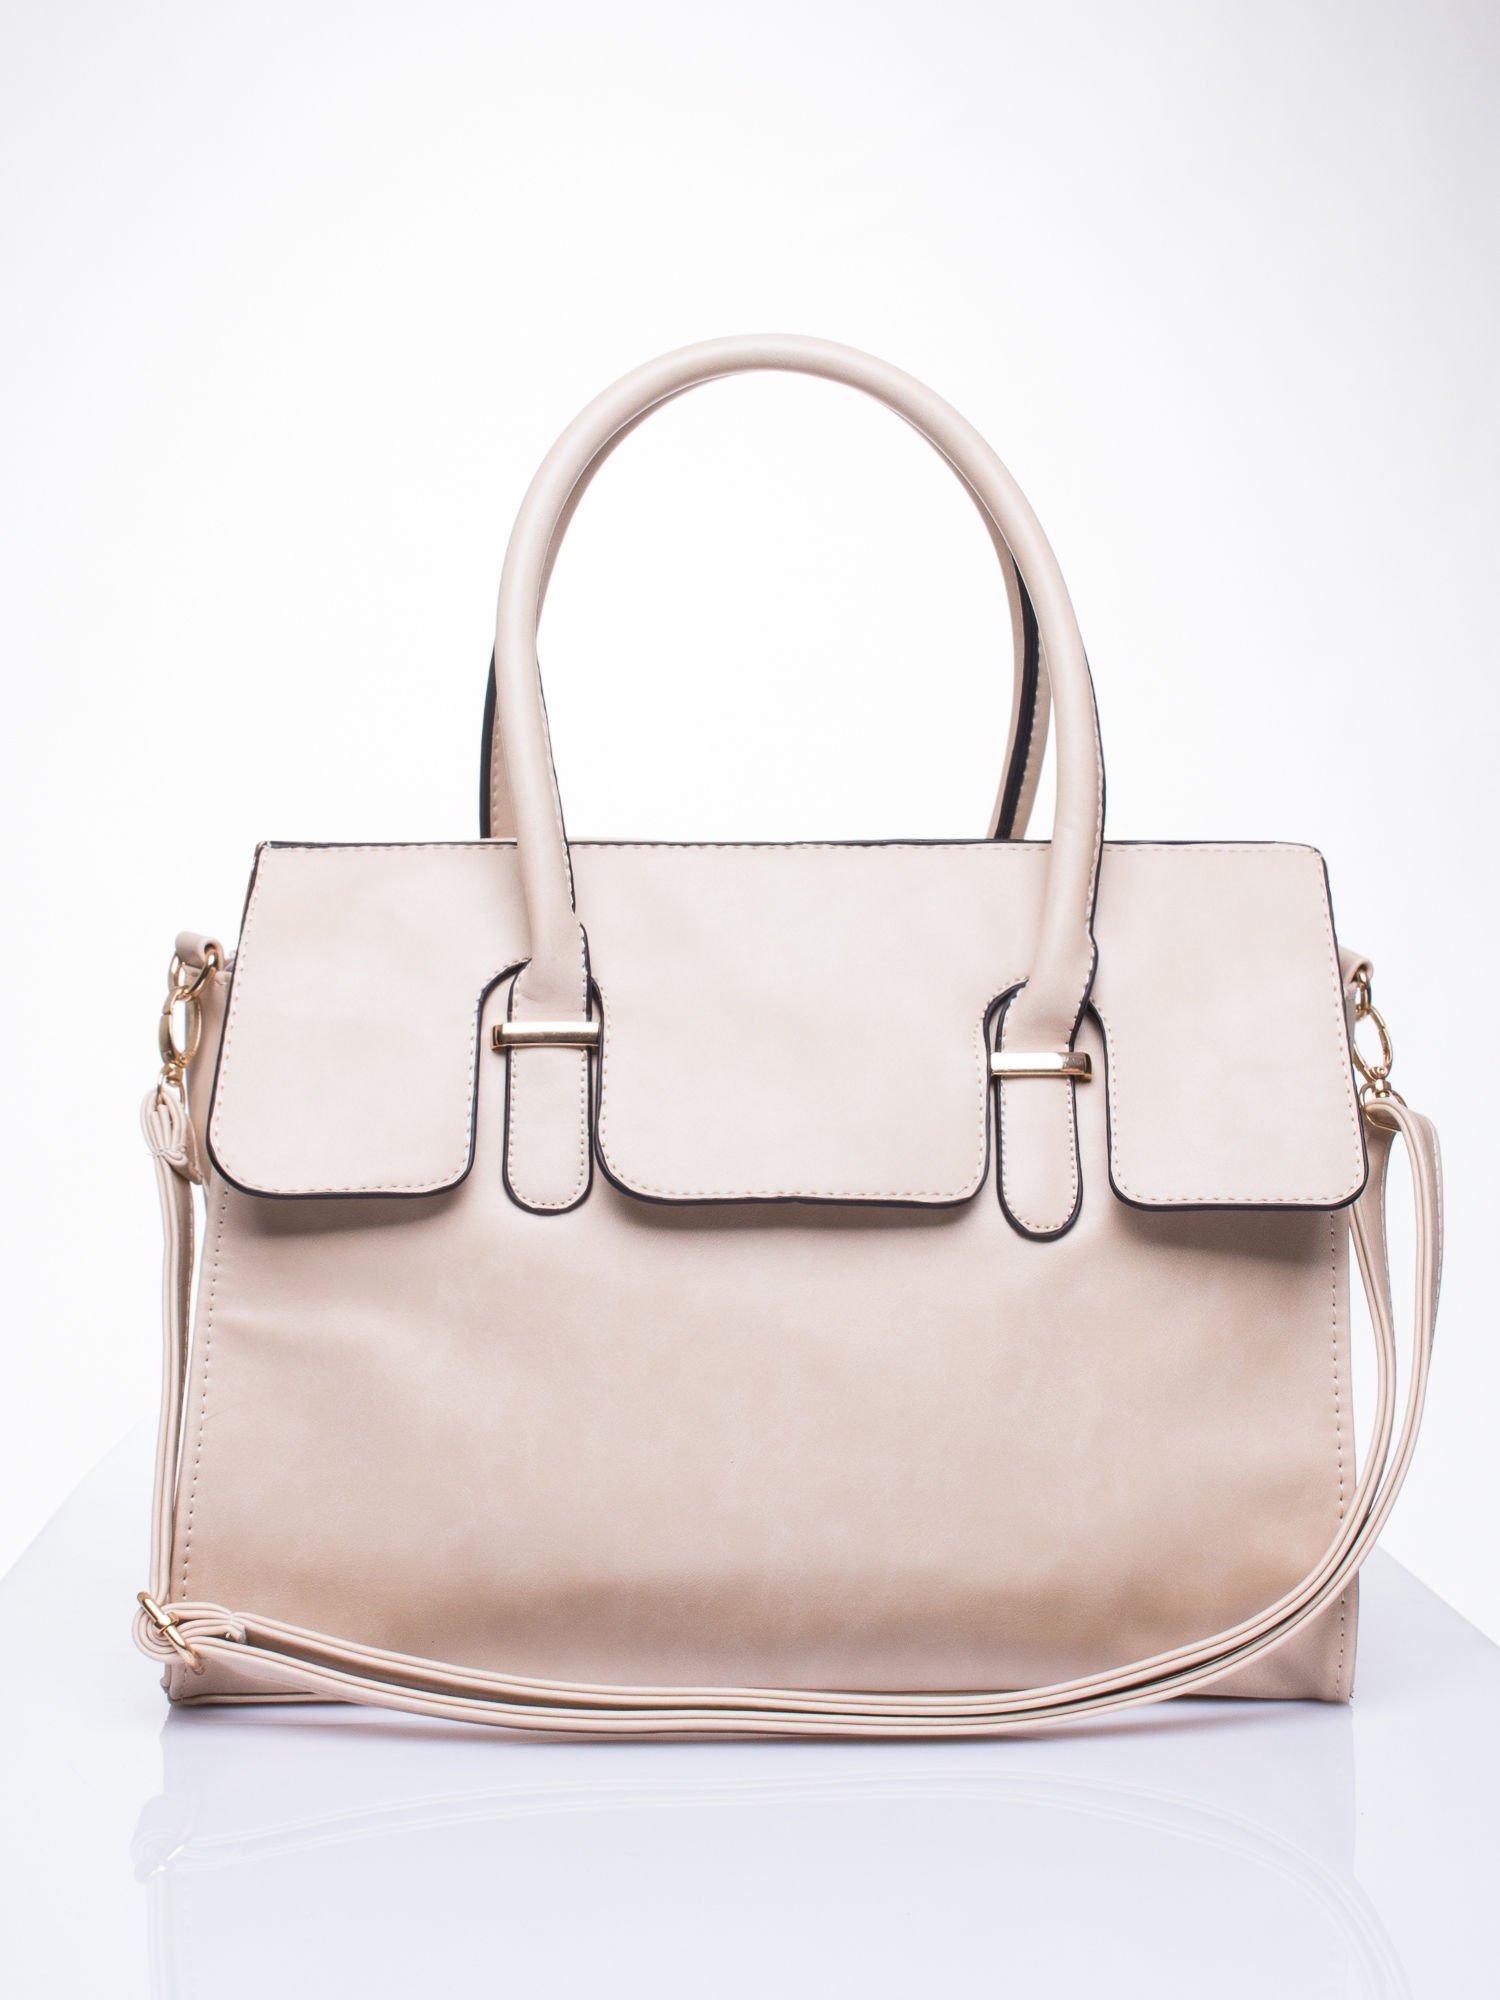 Kremowa torebka teczka z klapką                                  zdj.                                  1